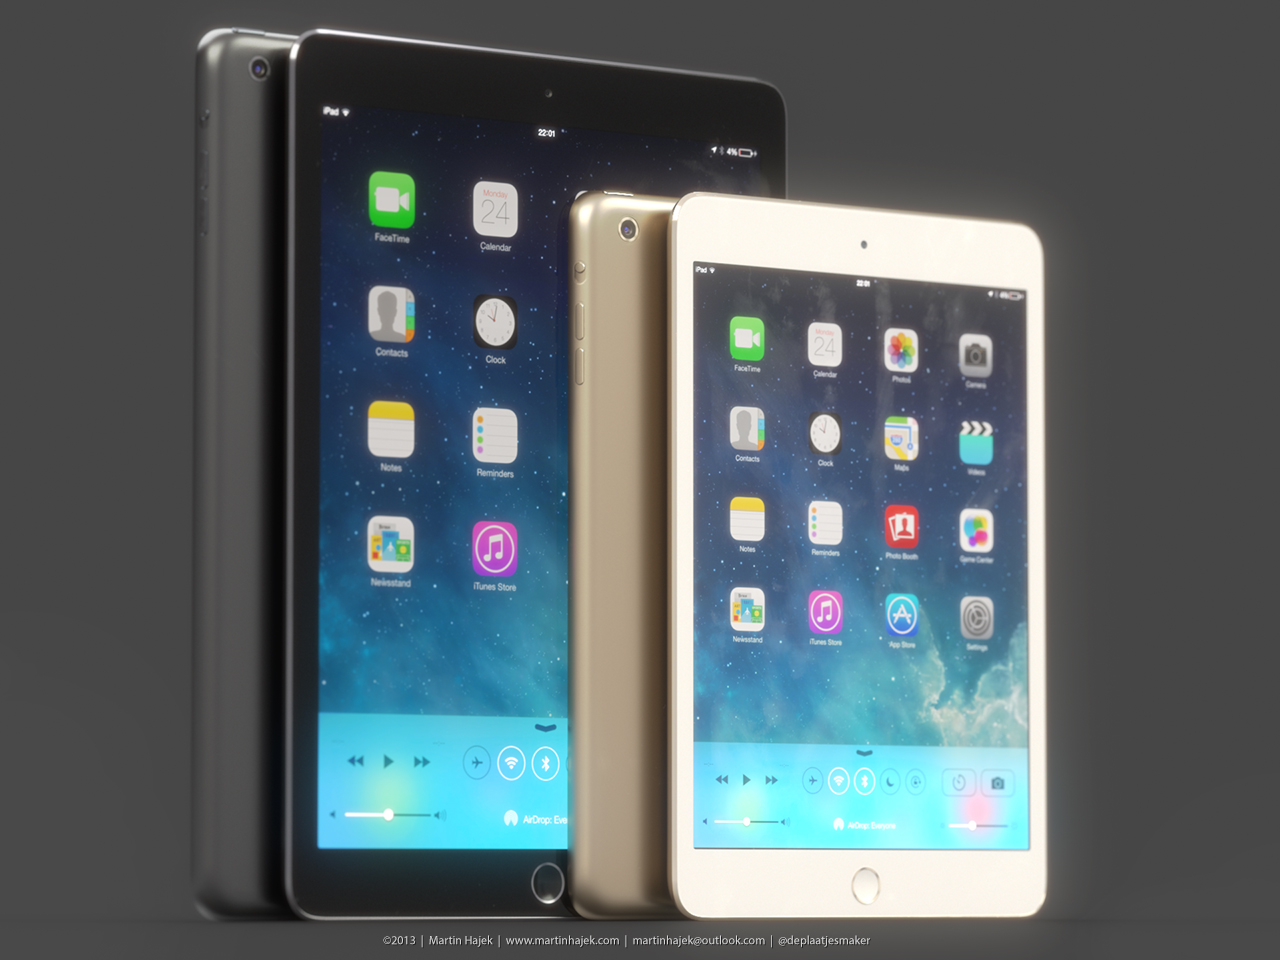 Co přinese nová generace iPadů? [spekulace]